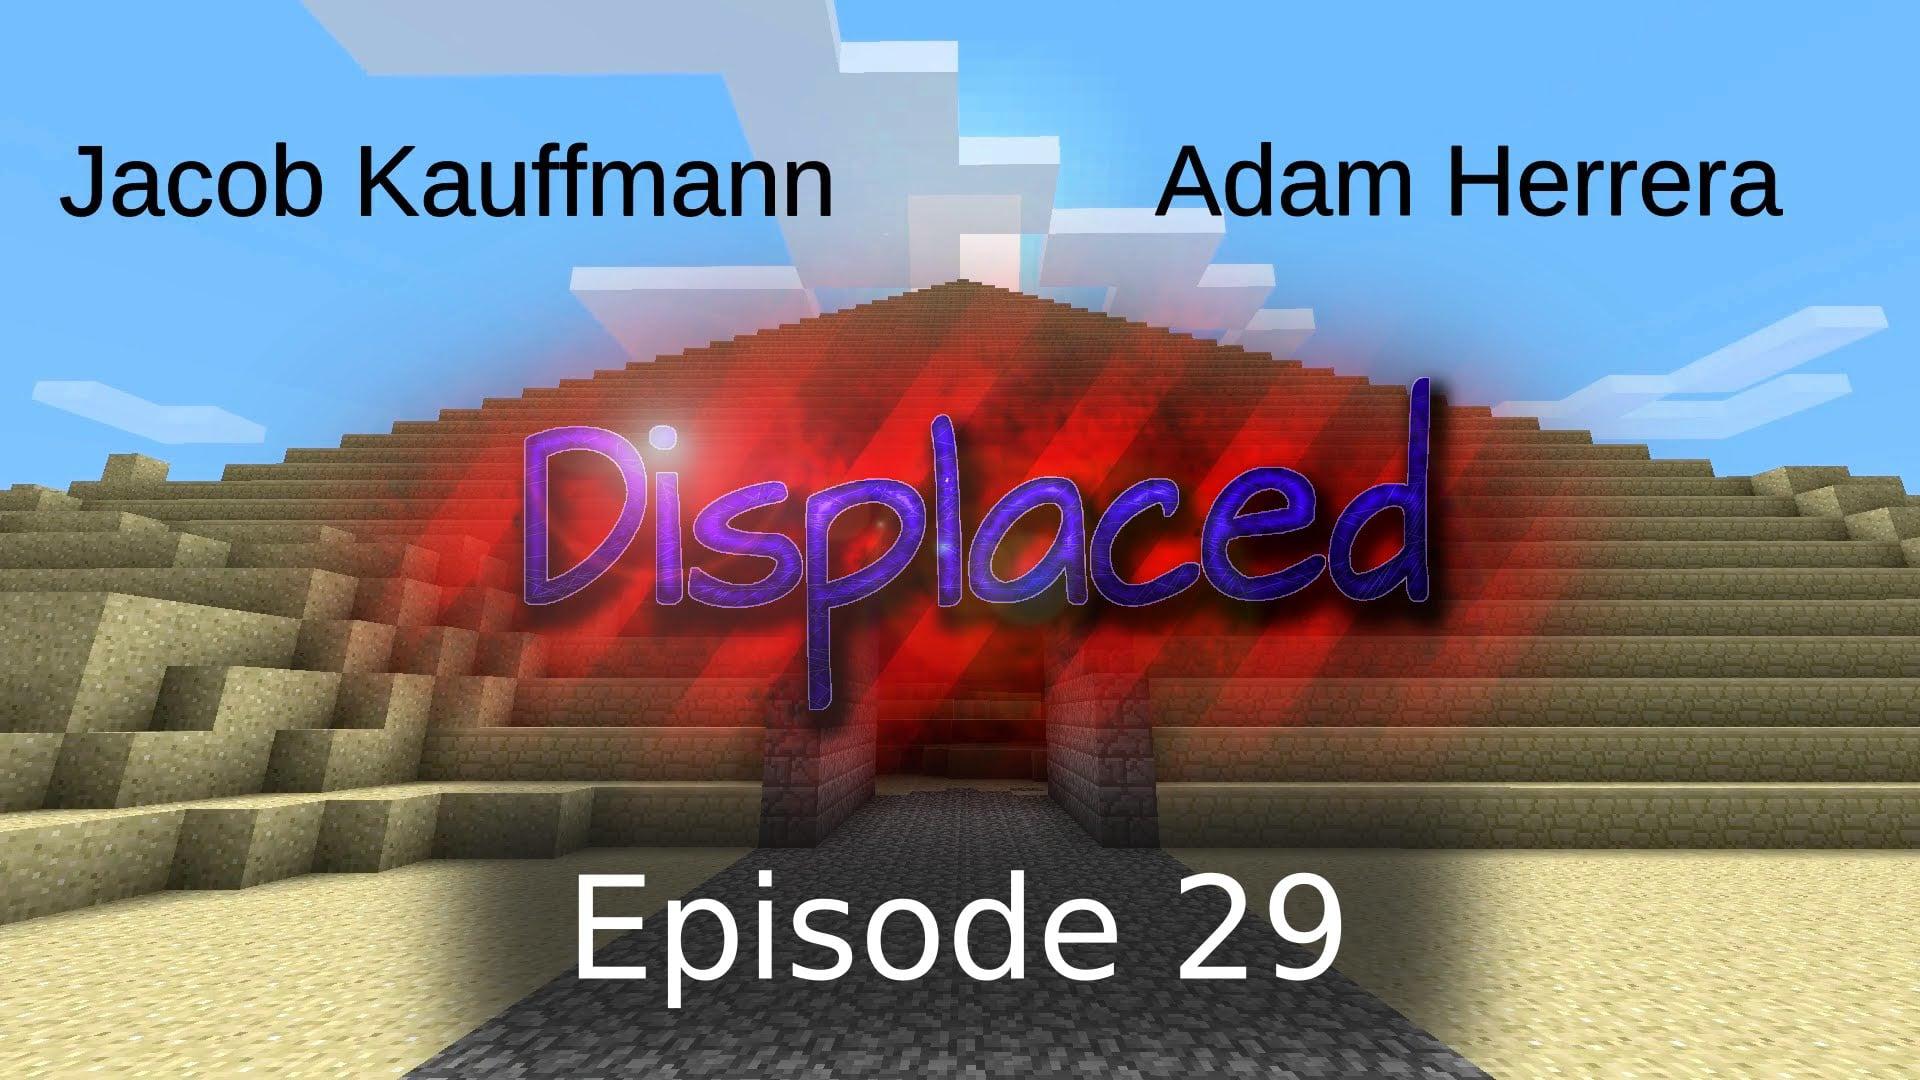 Episode 29 - Displaced